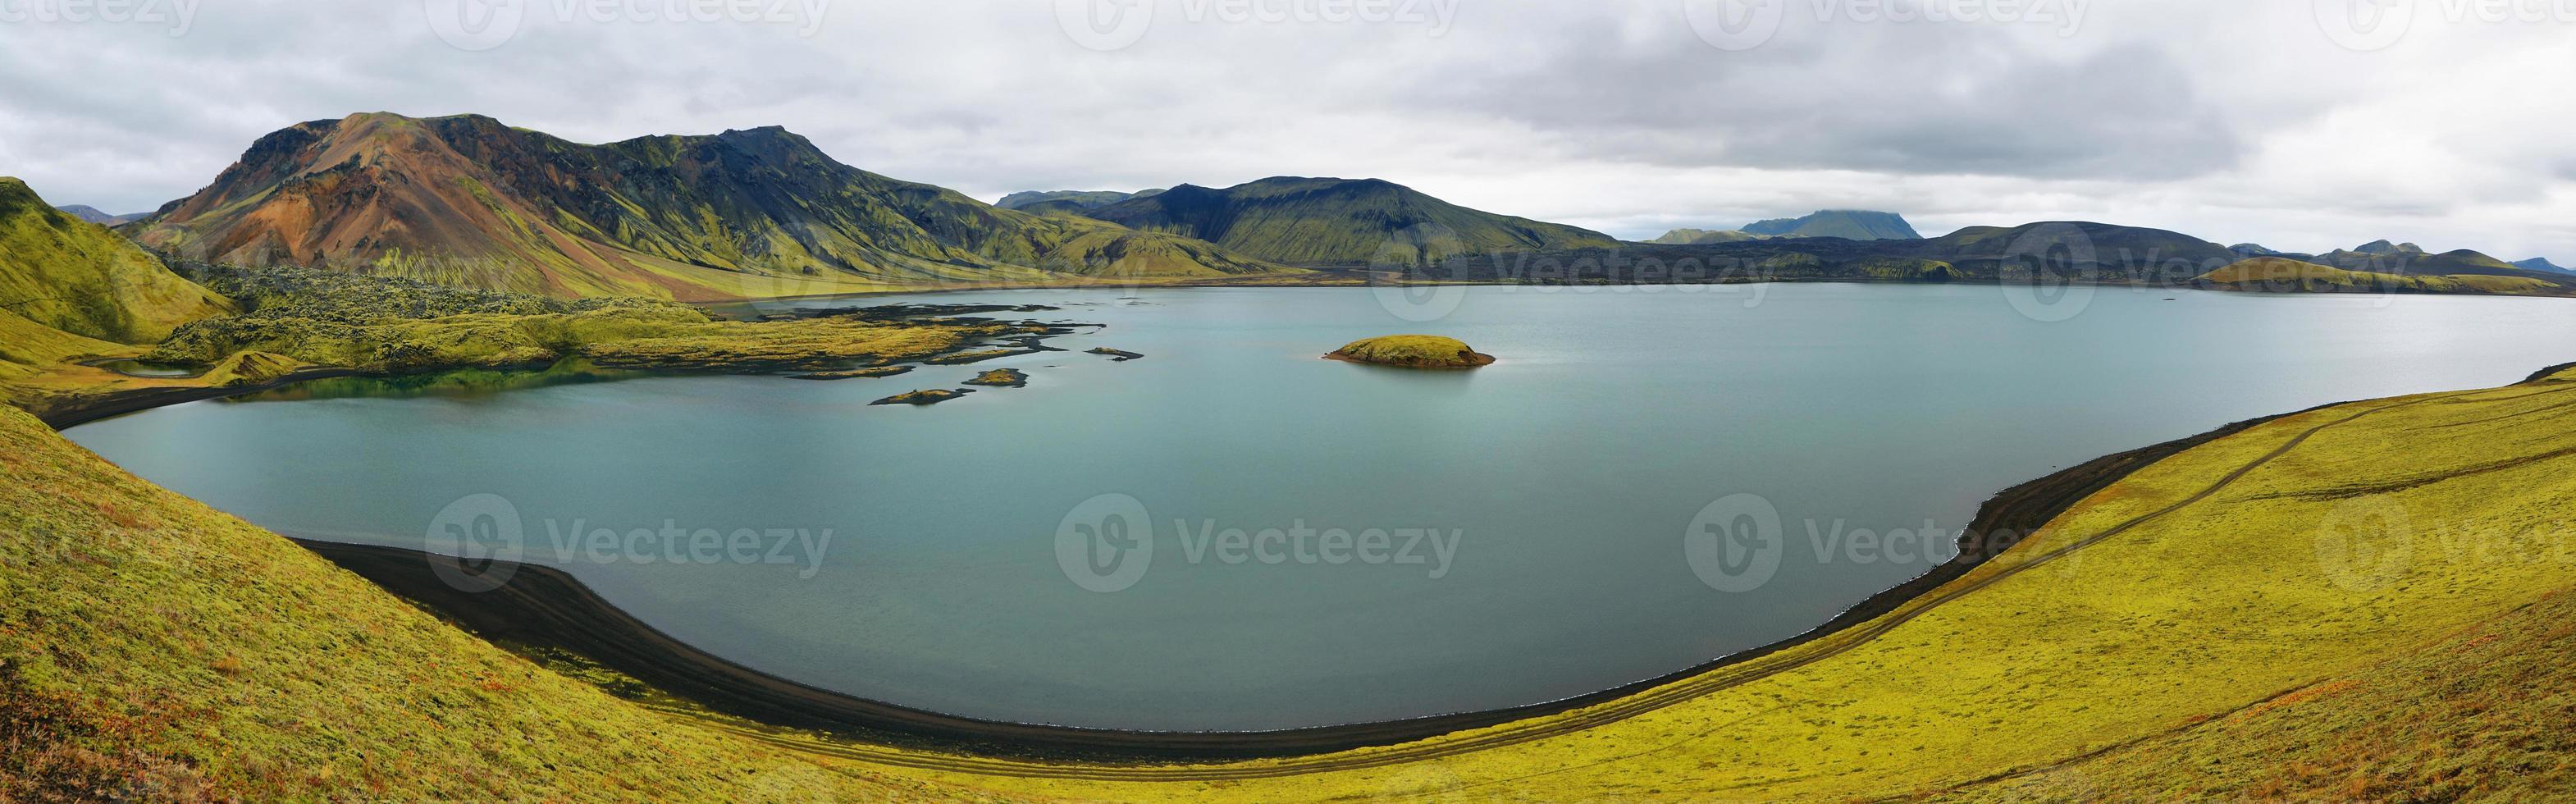 frostastadavatn sjön foto